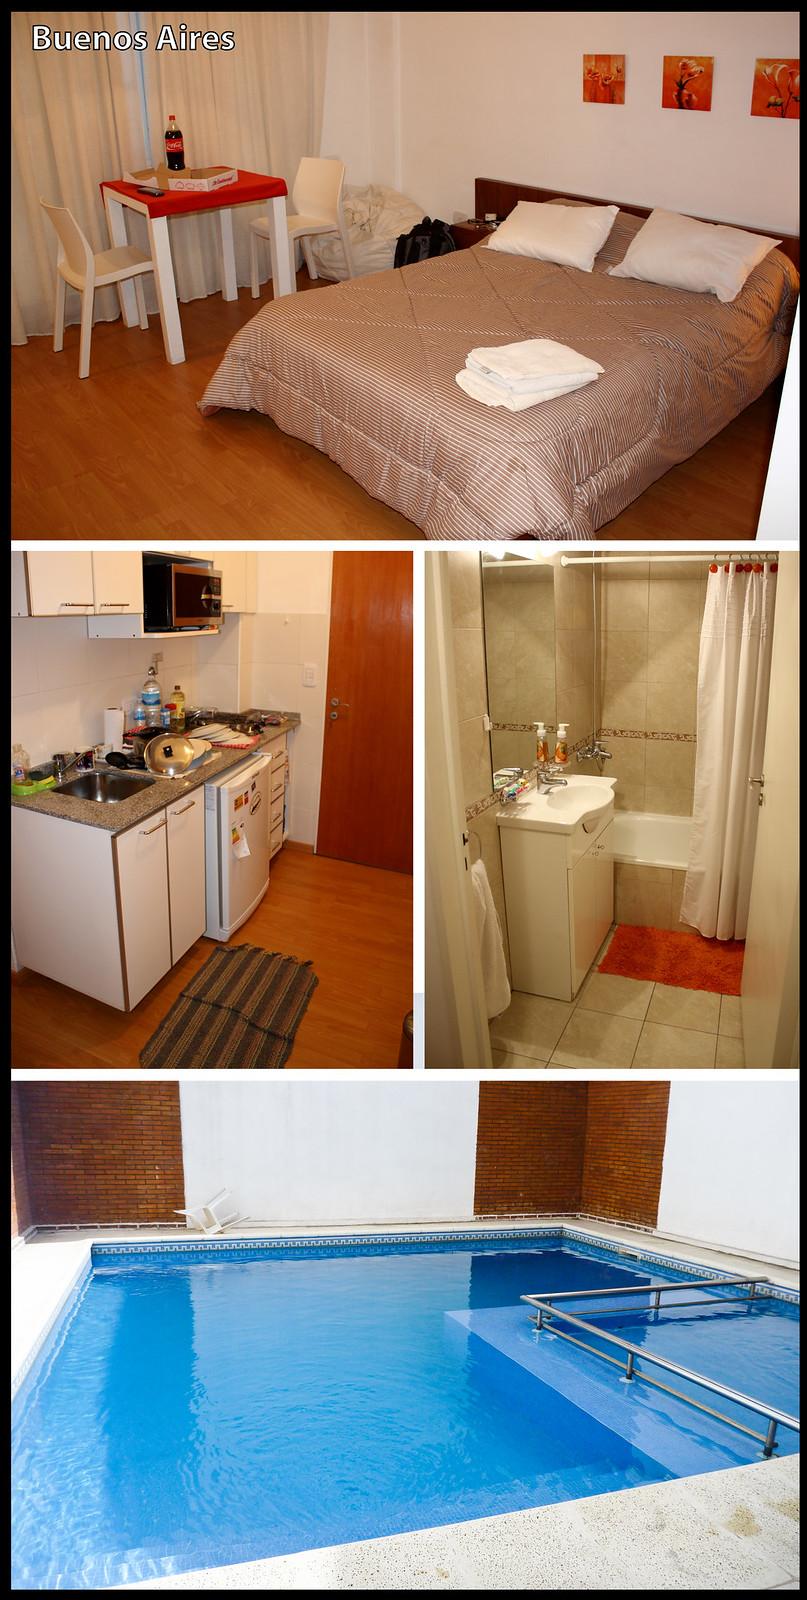 Buenos Aires - apartamento de temporada